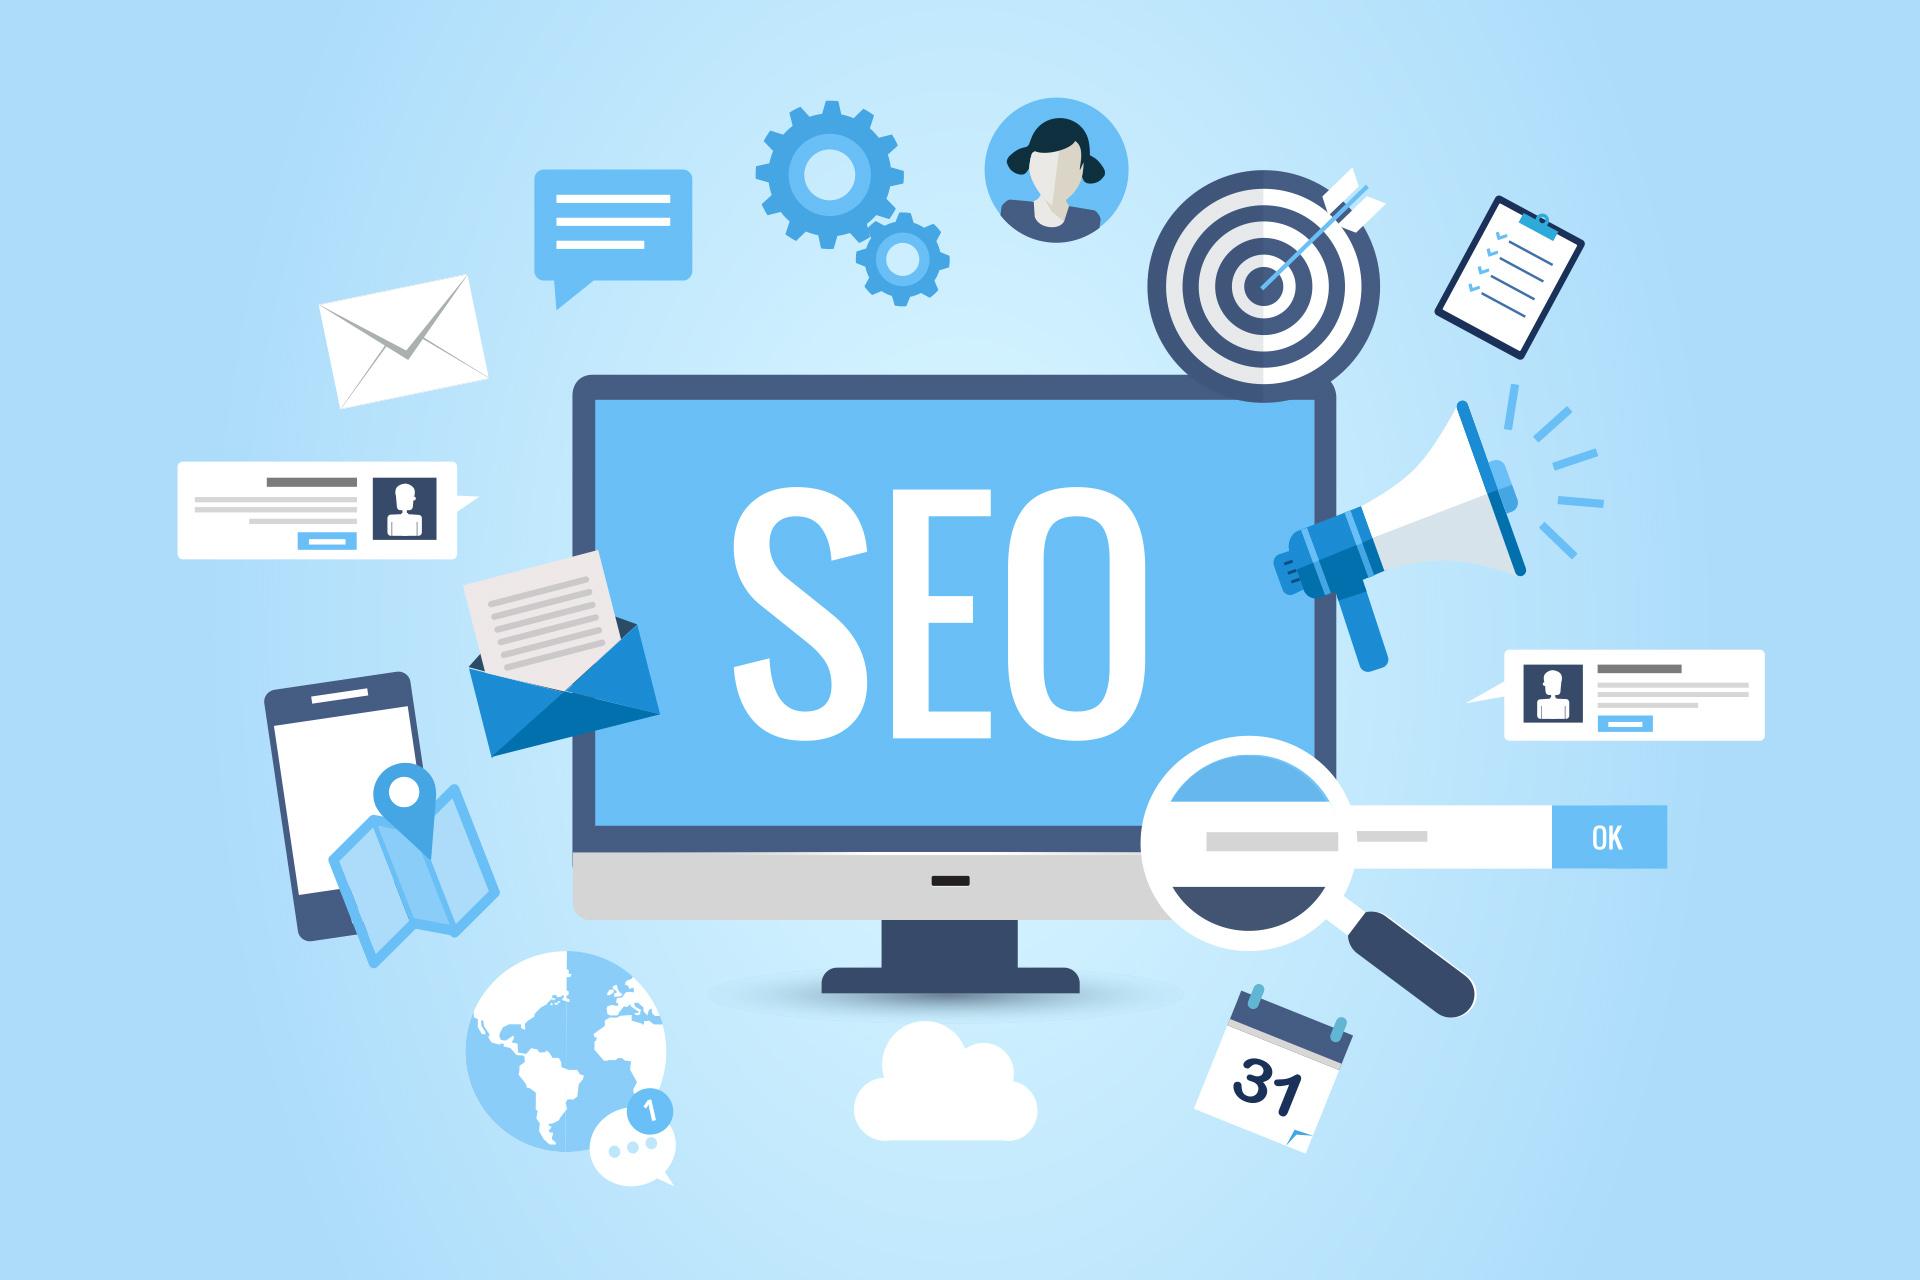 3 Cara Membuat Web Masuk ke Mesin Pencari Google dengan Menerapkan SEO